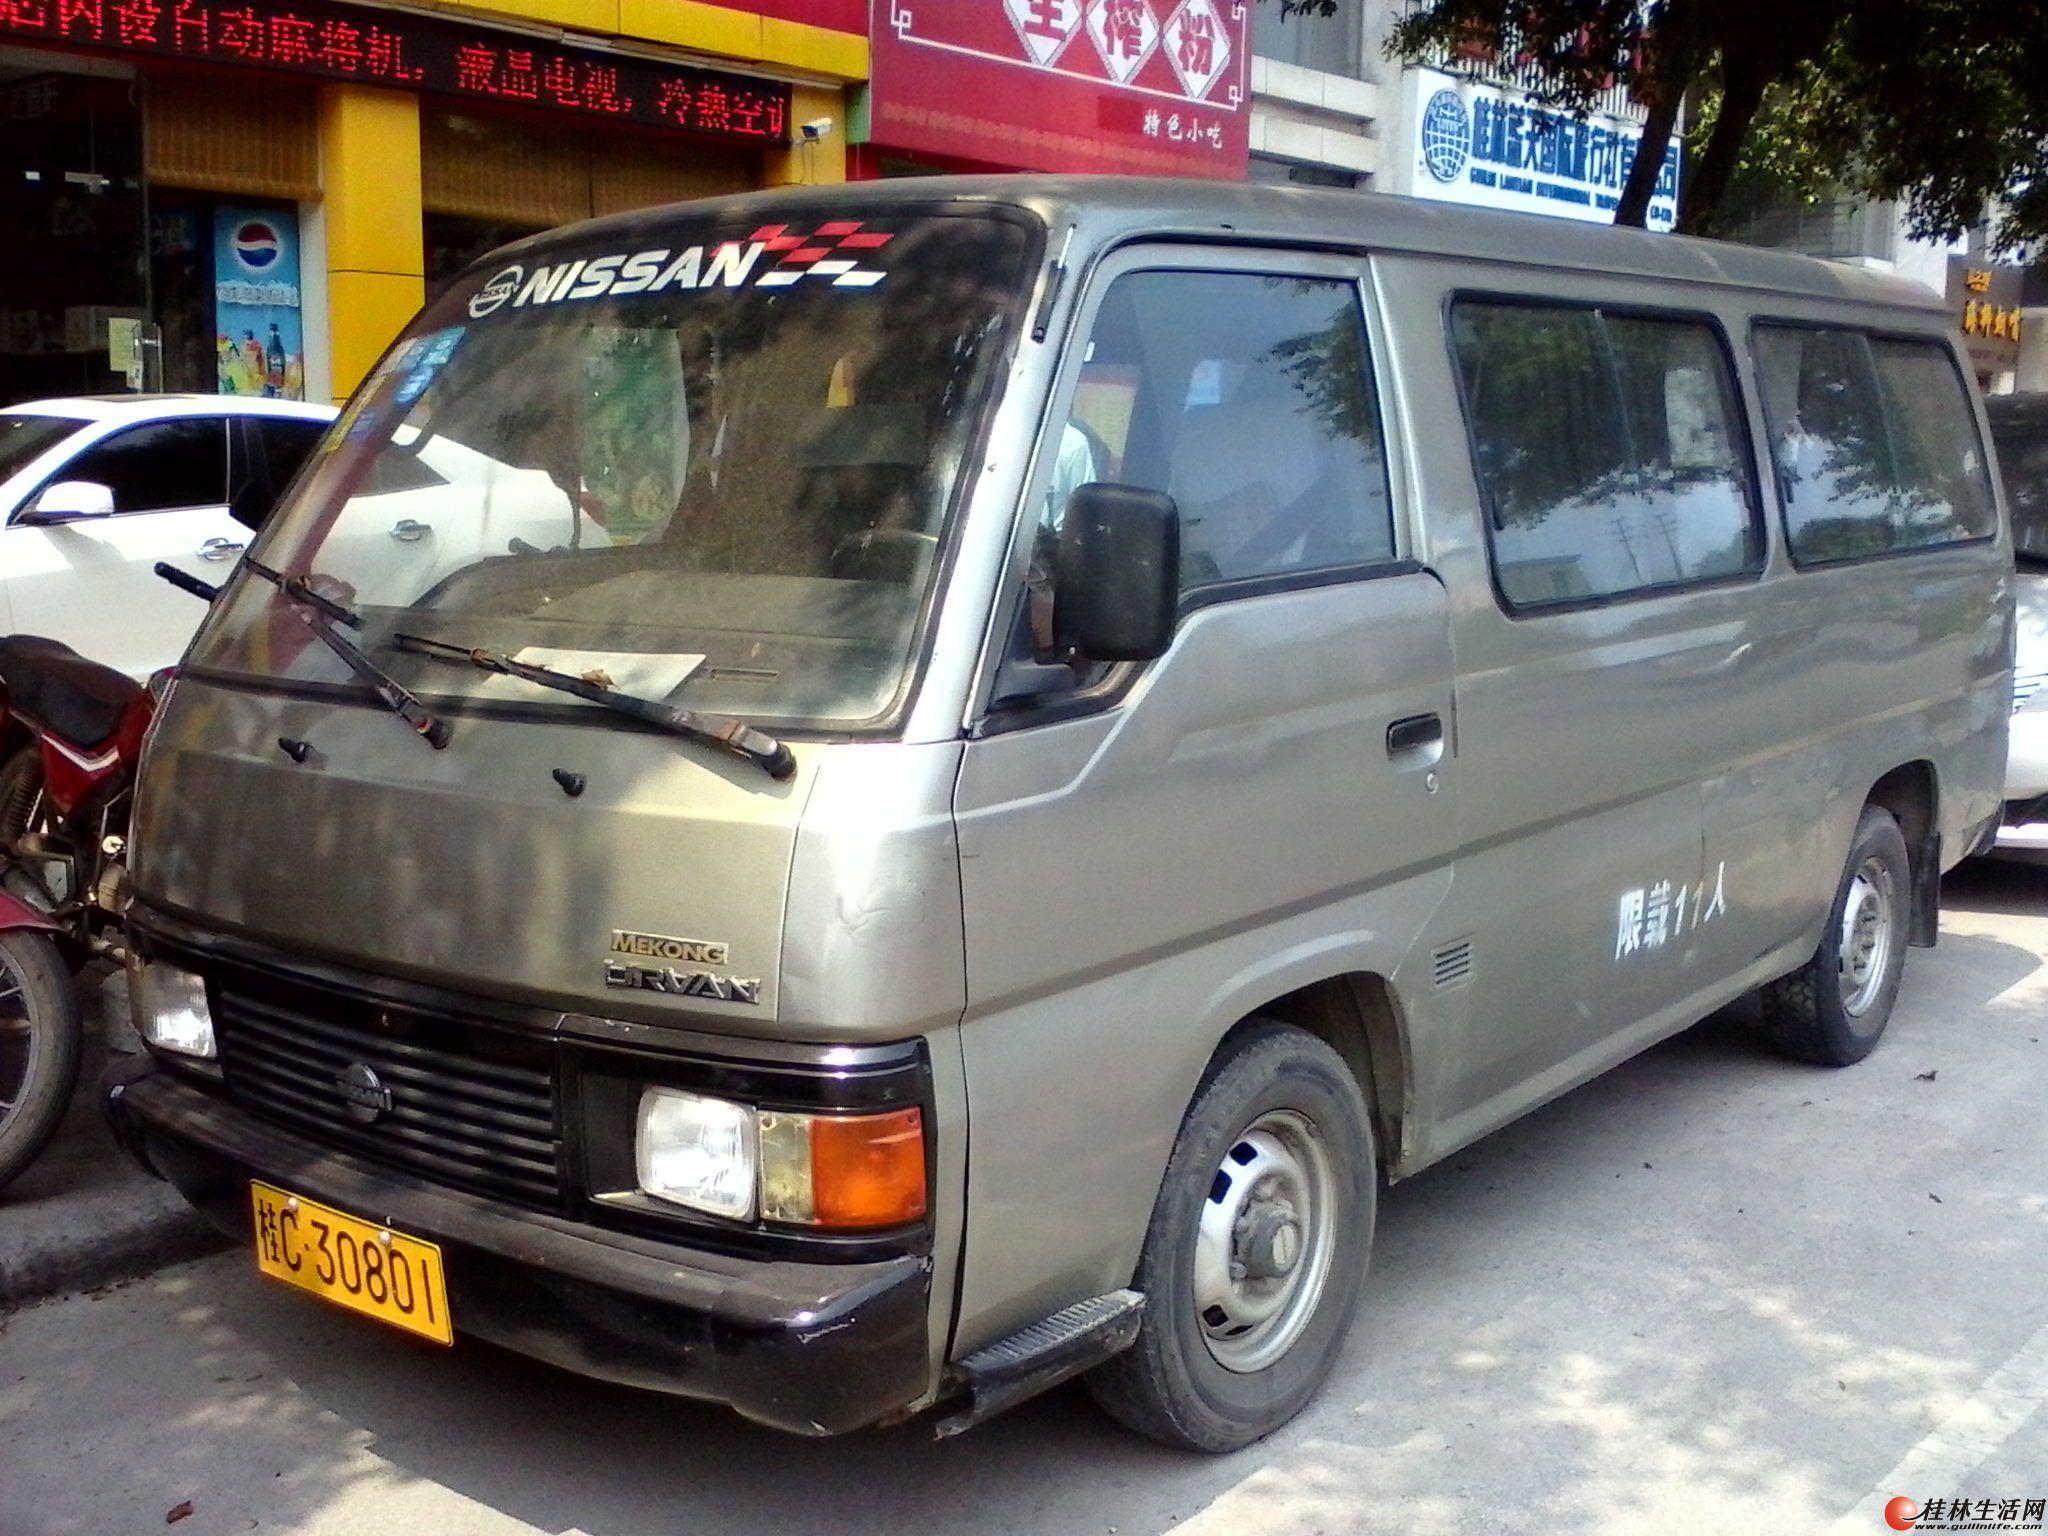 2002年日产尼桑11座面包车 年检 保险到2014年12月 桂林二手车信息 图片